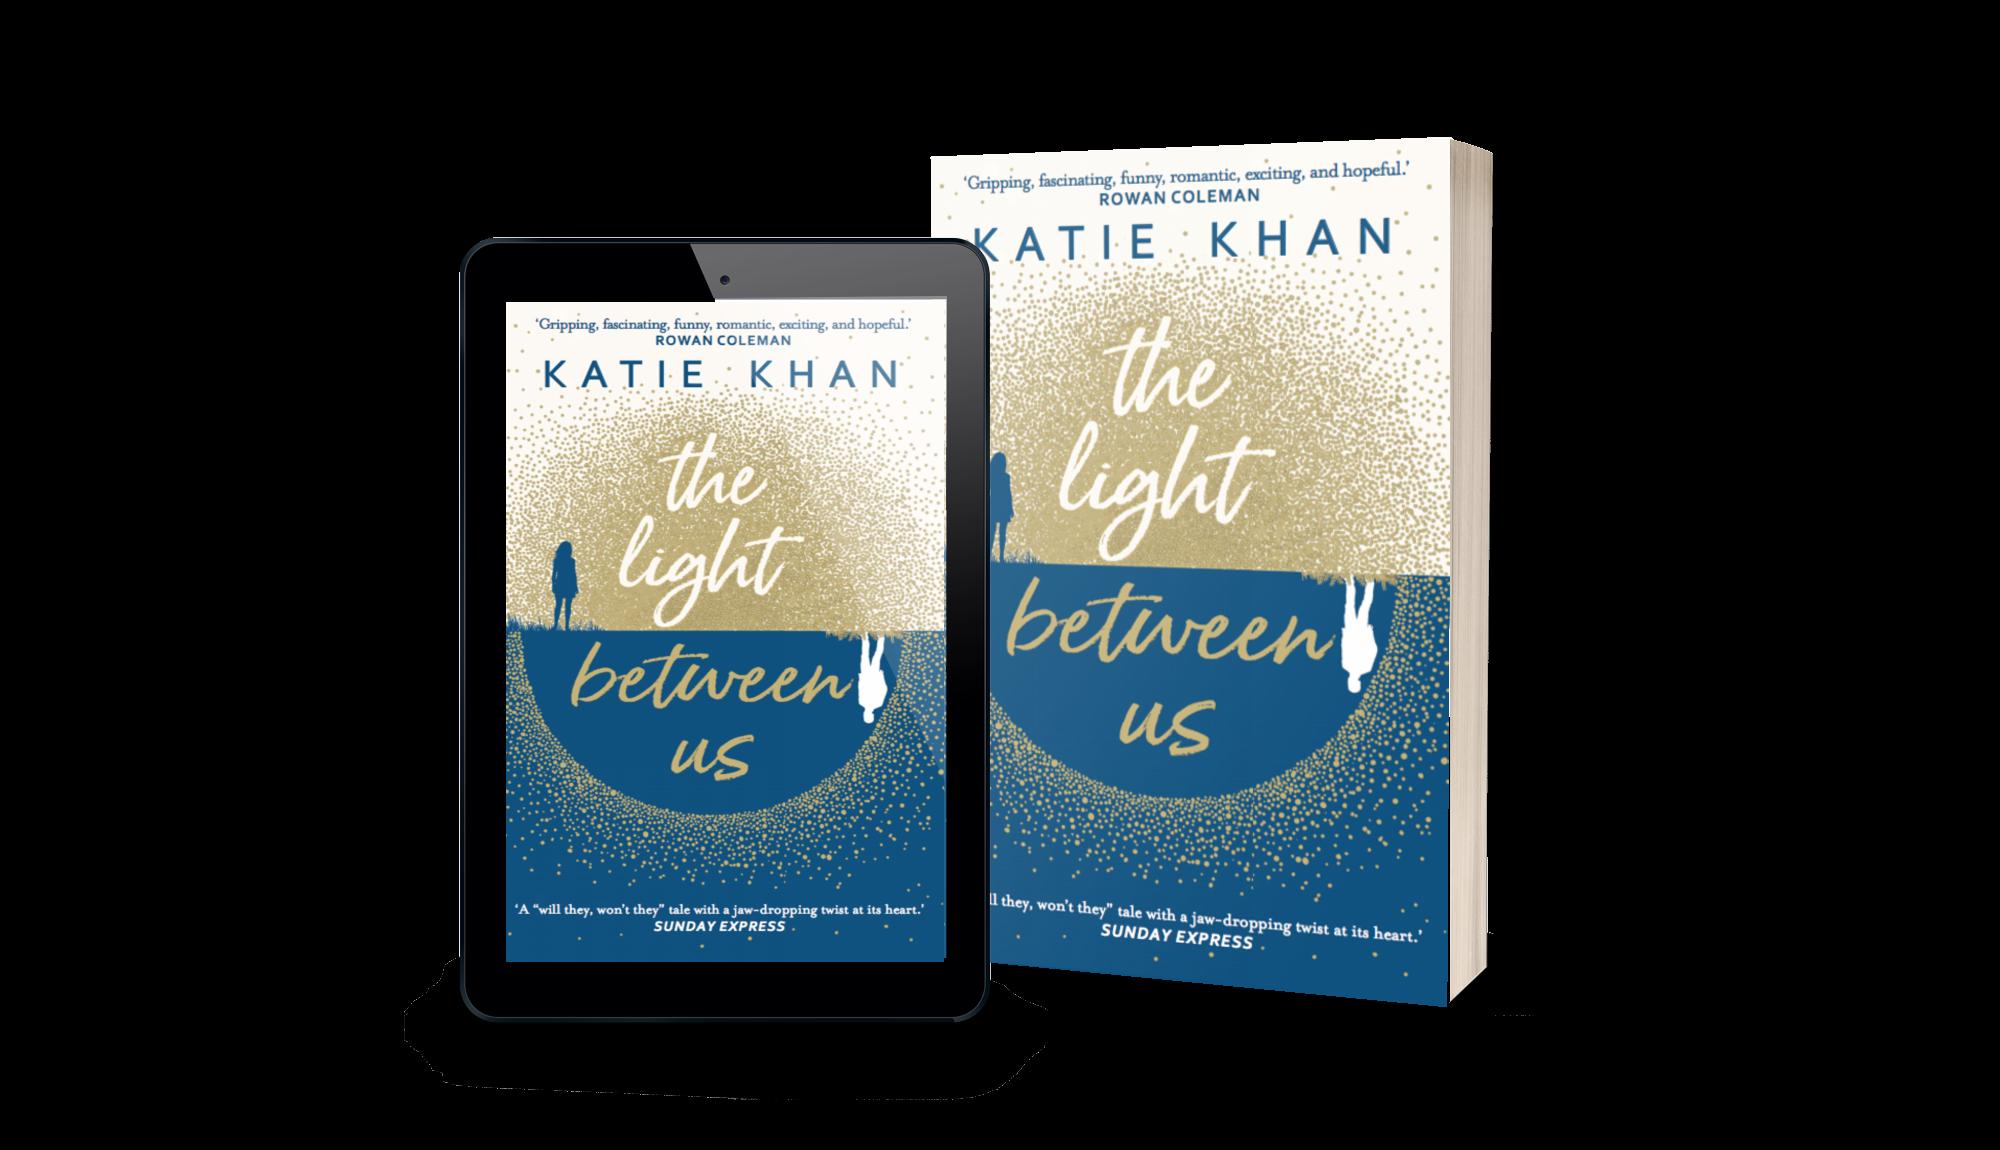 thelightbetweenus_katiekhan_paperback_ebook.png